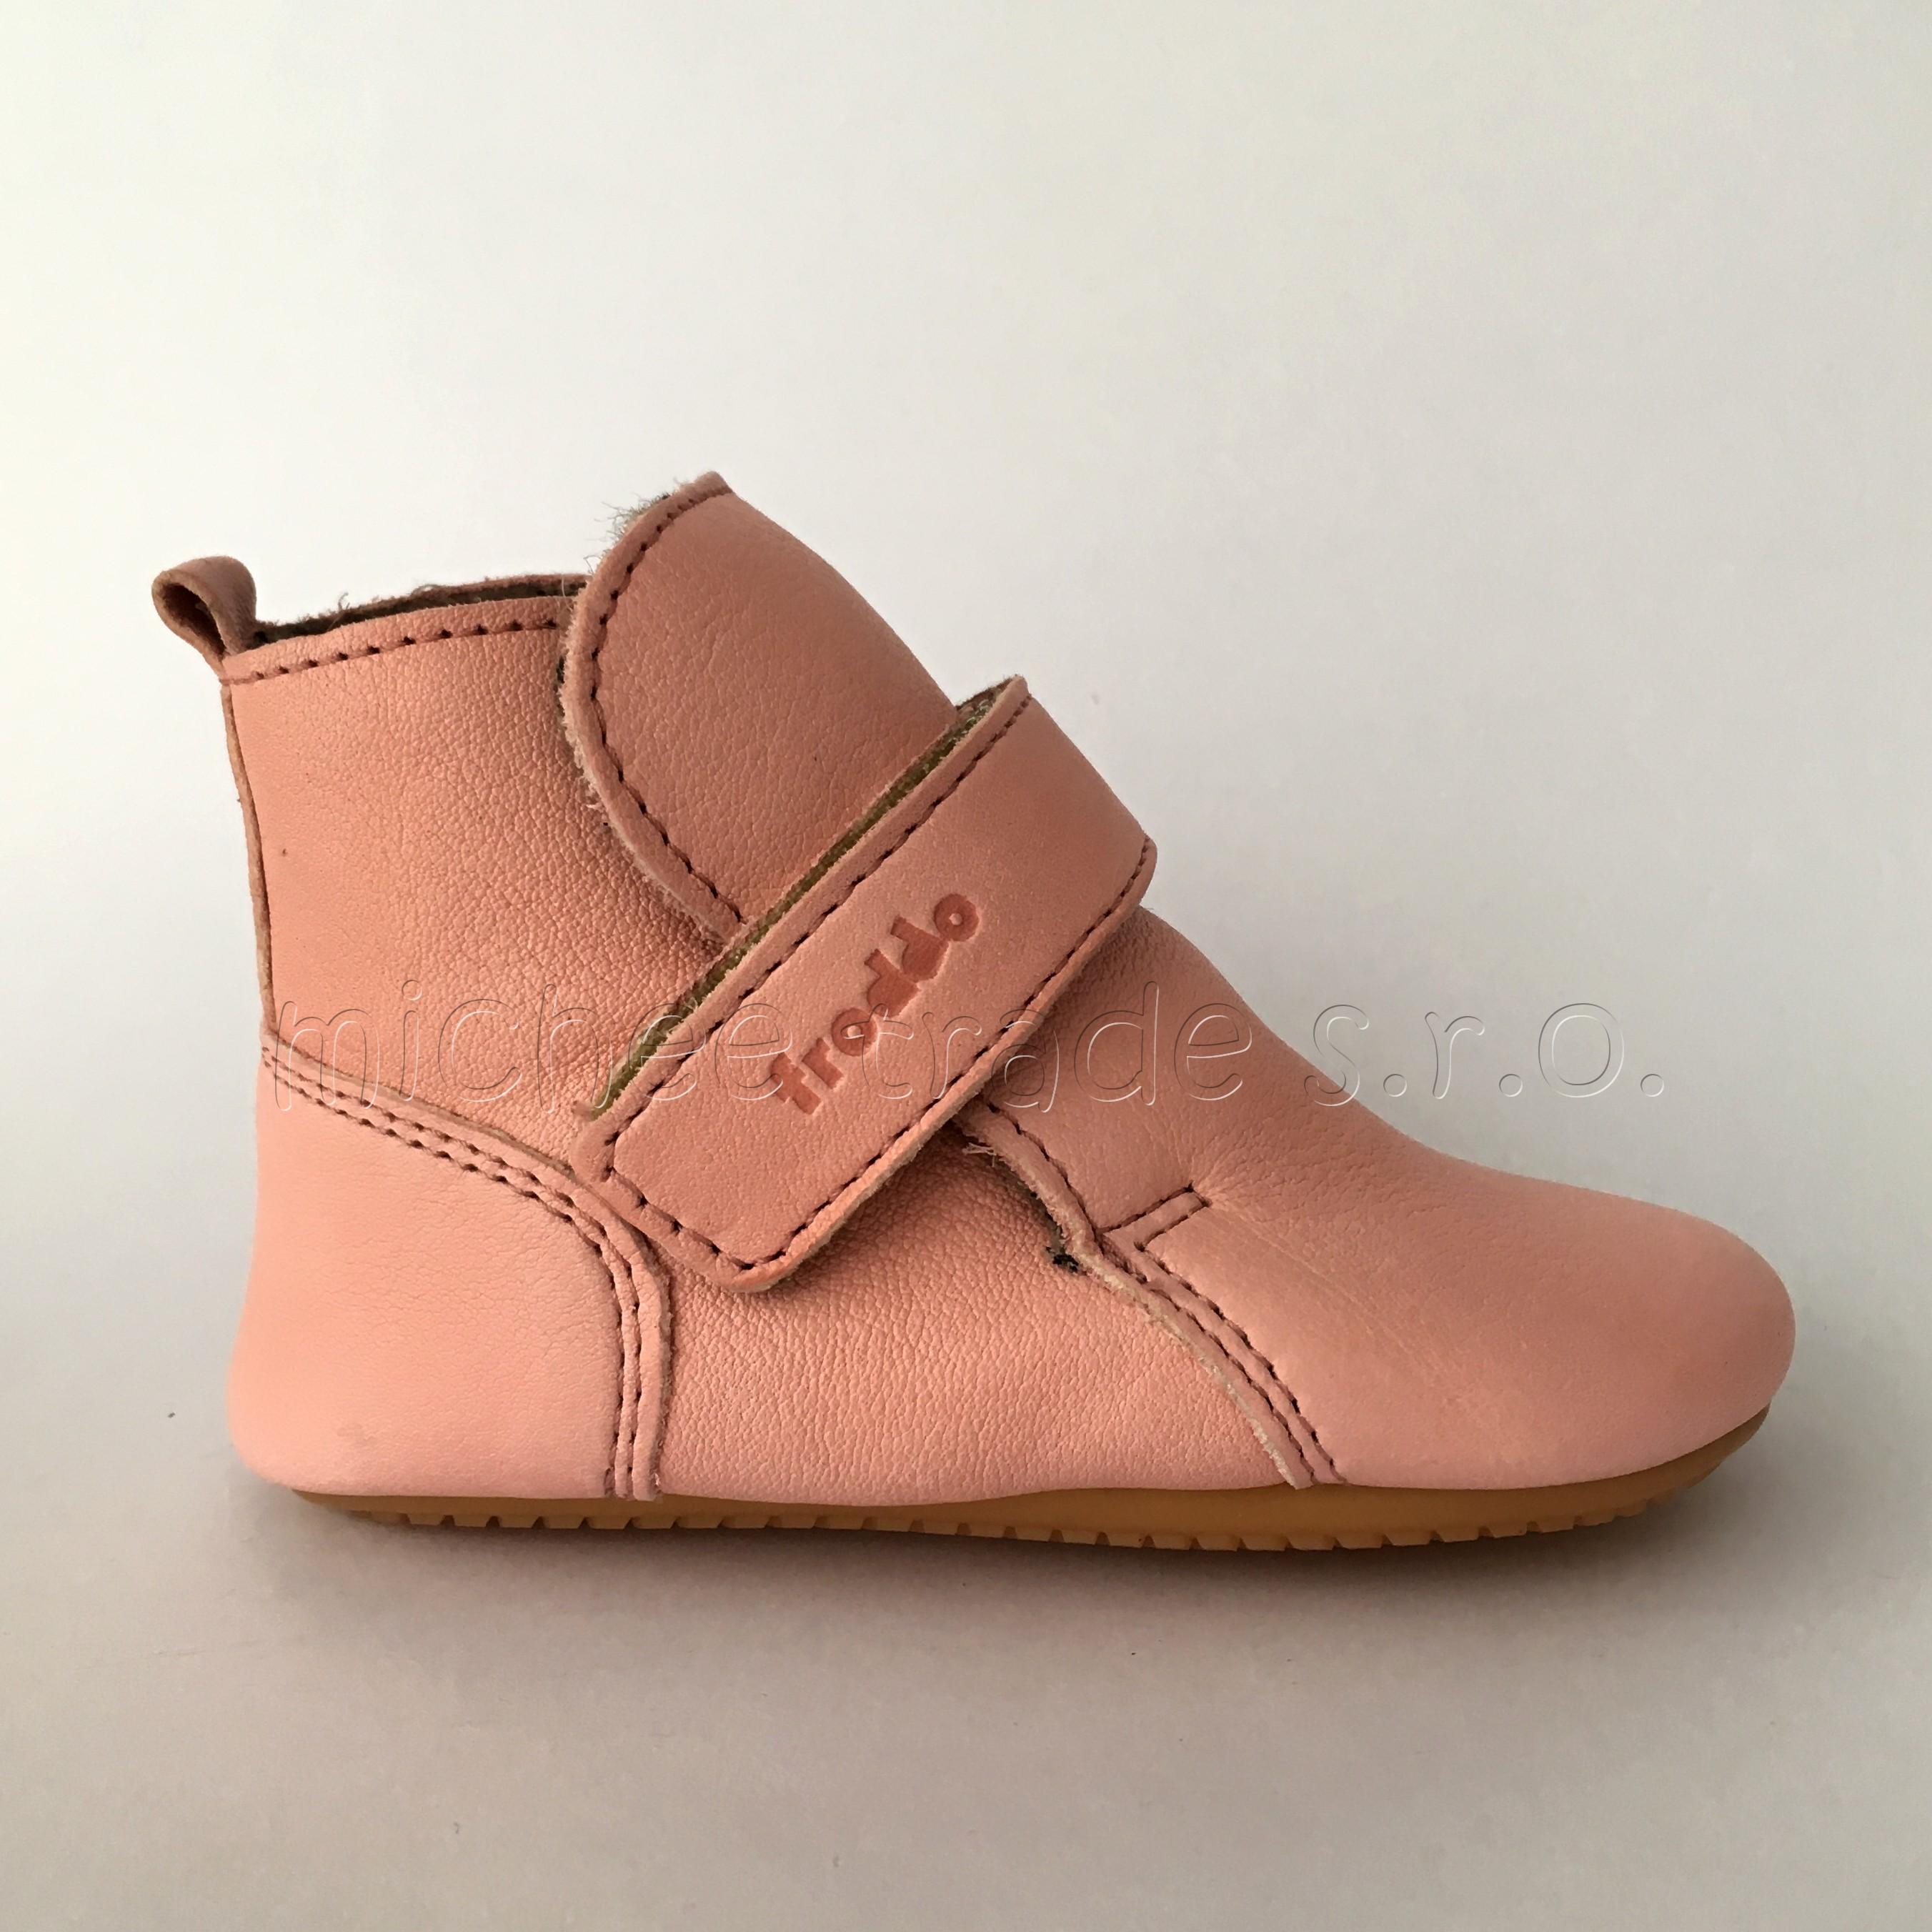 41684708f4 Froddo Prewalkers Wool Pink